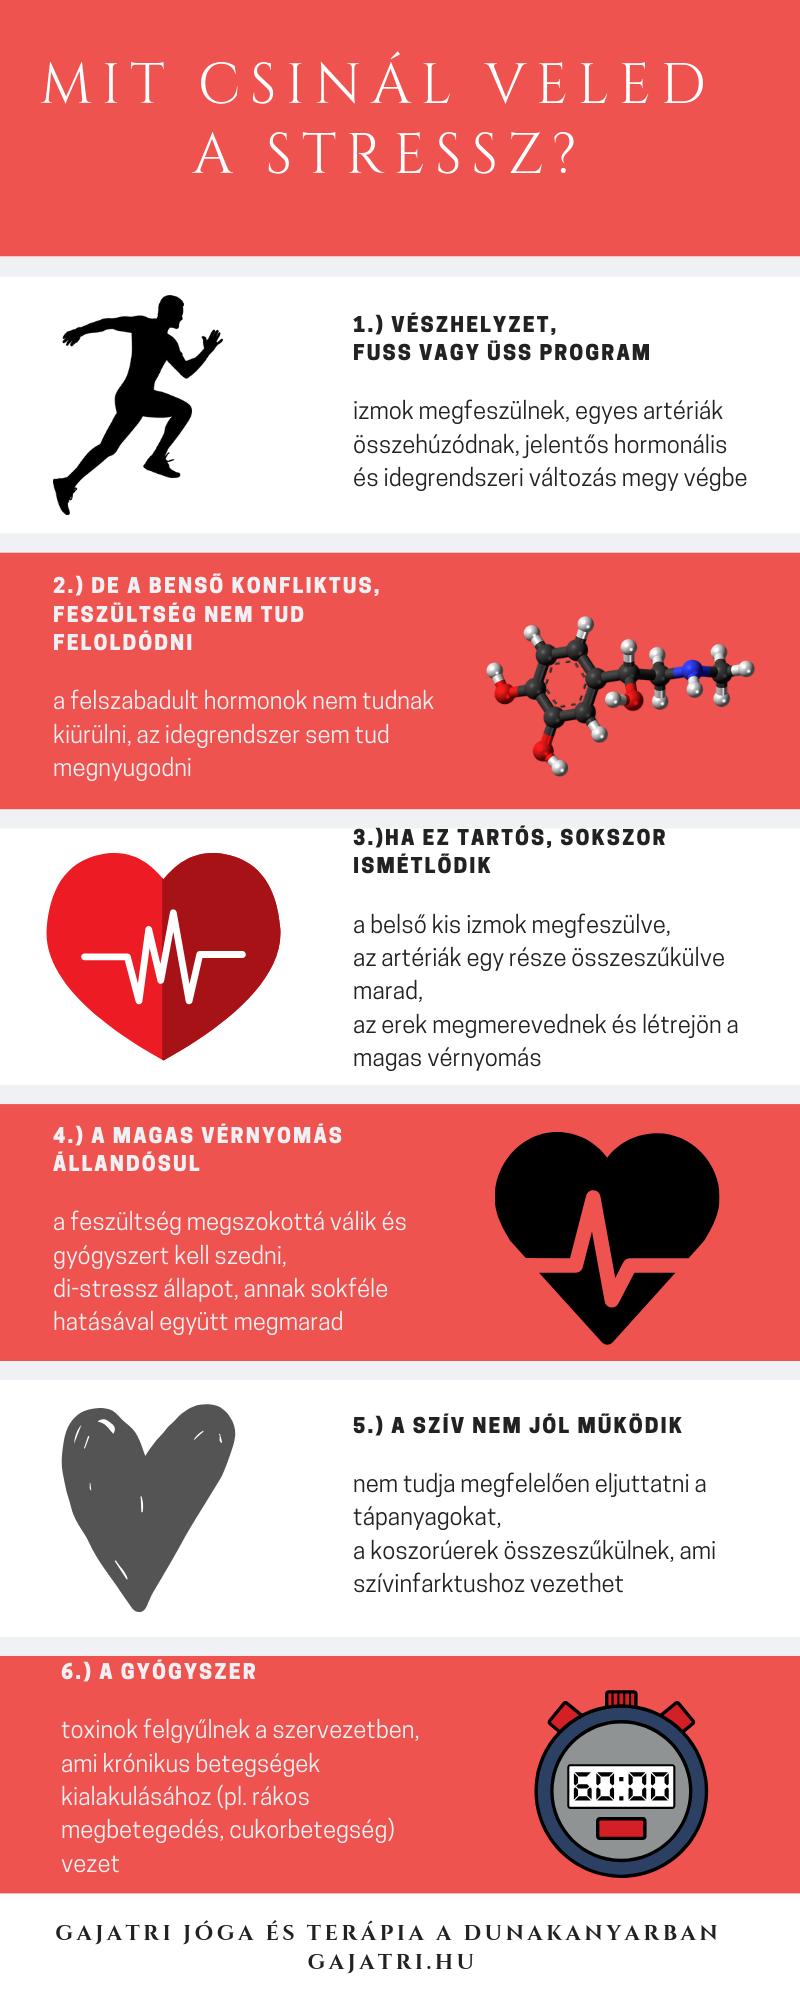 magas vérnyomás kezelése 1 fokos gyógyszeres kezelés)